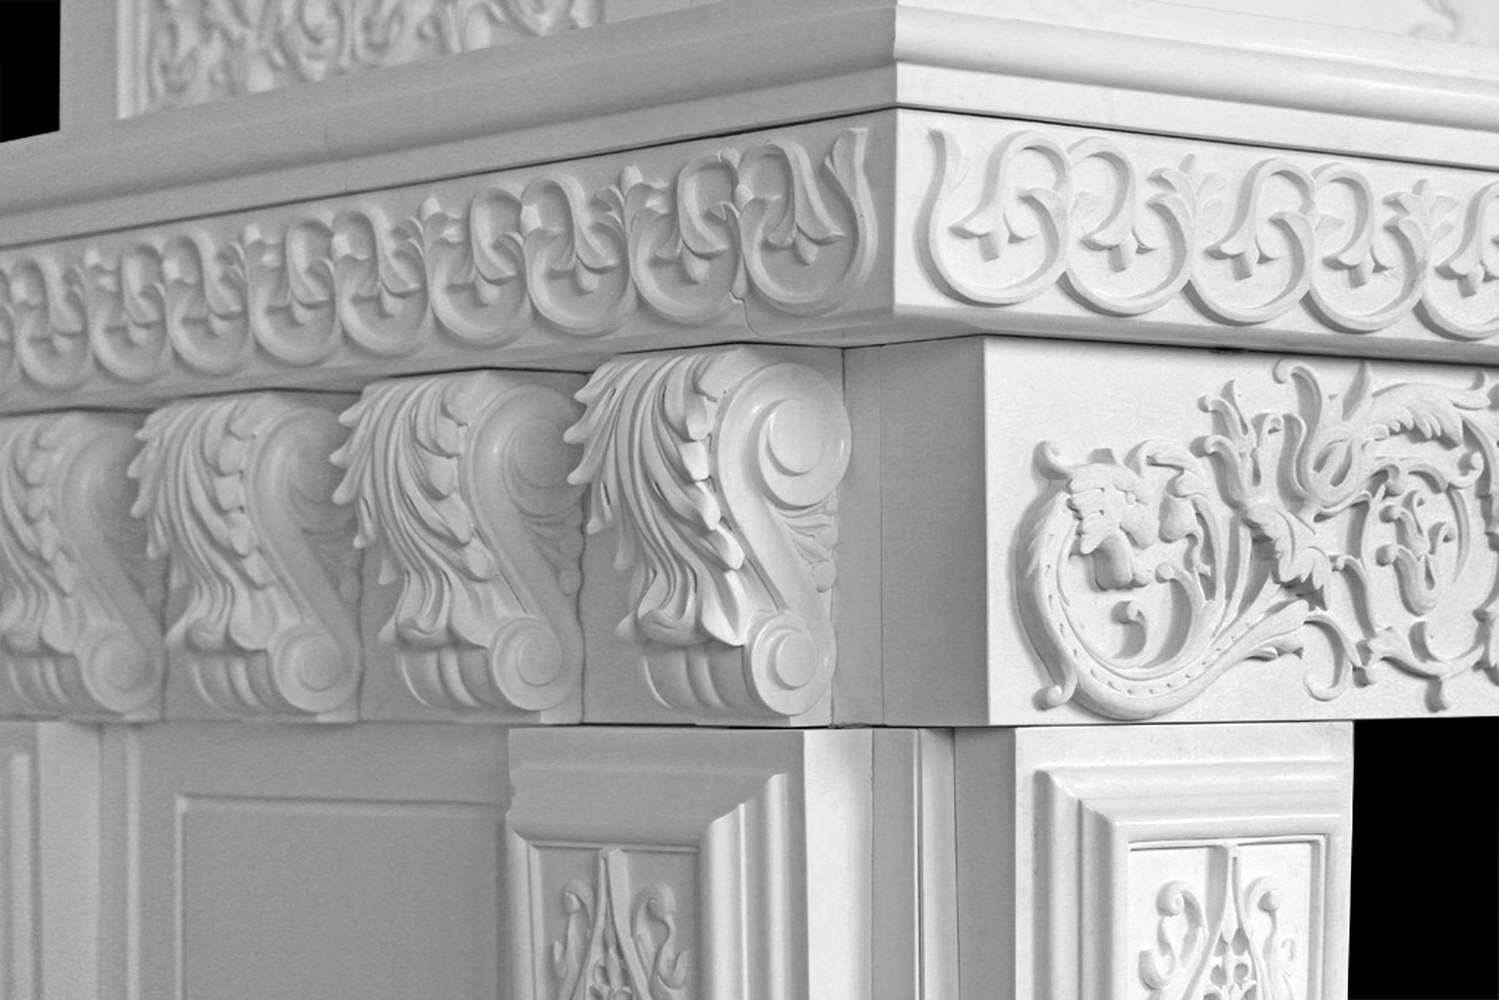 camino in marmo bianco - fregi